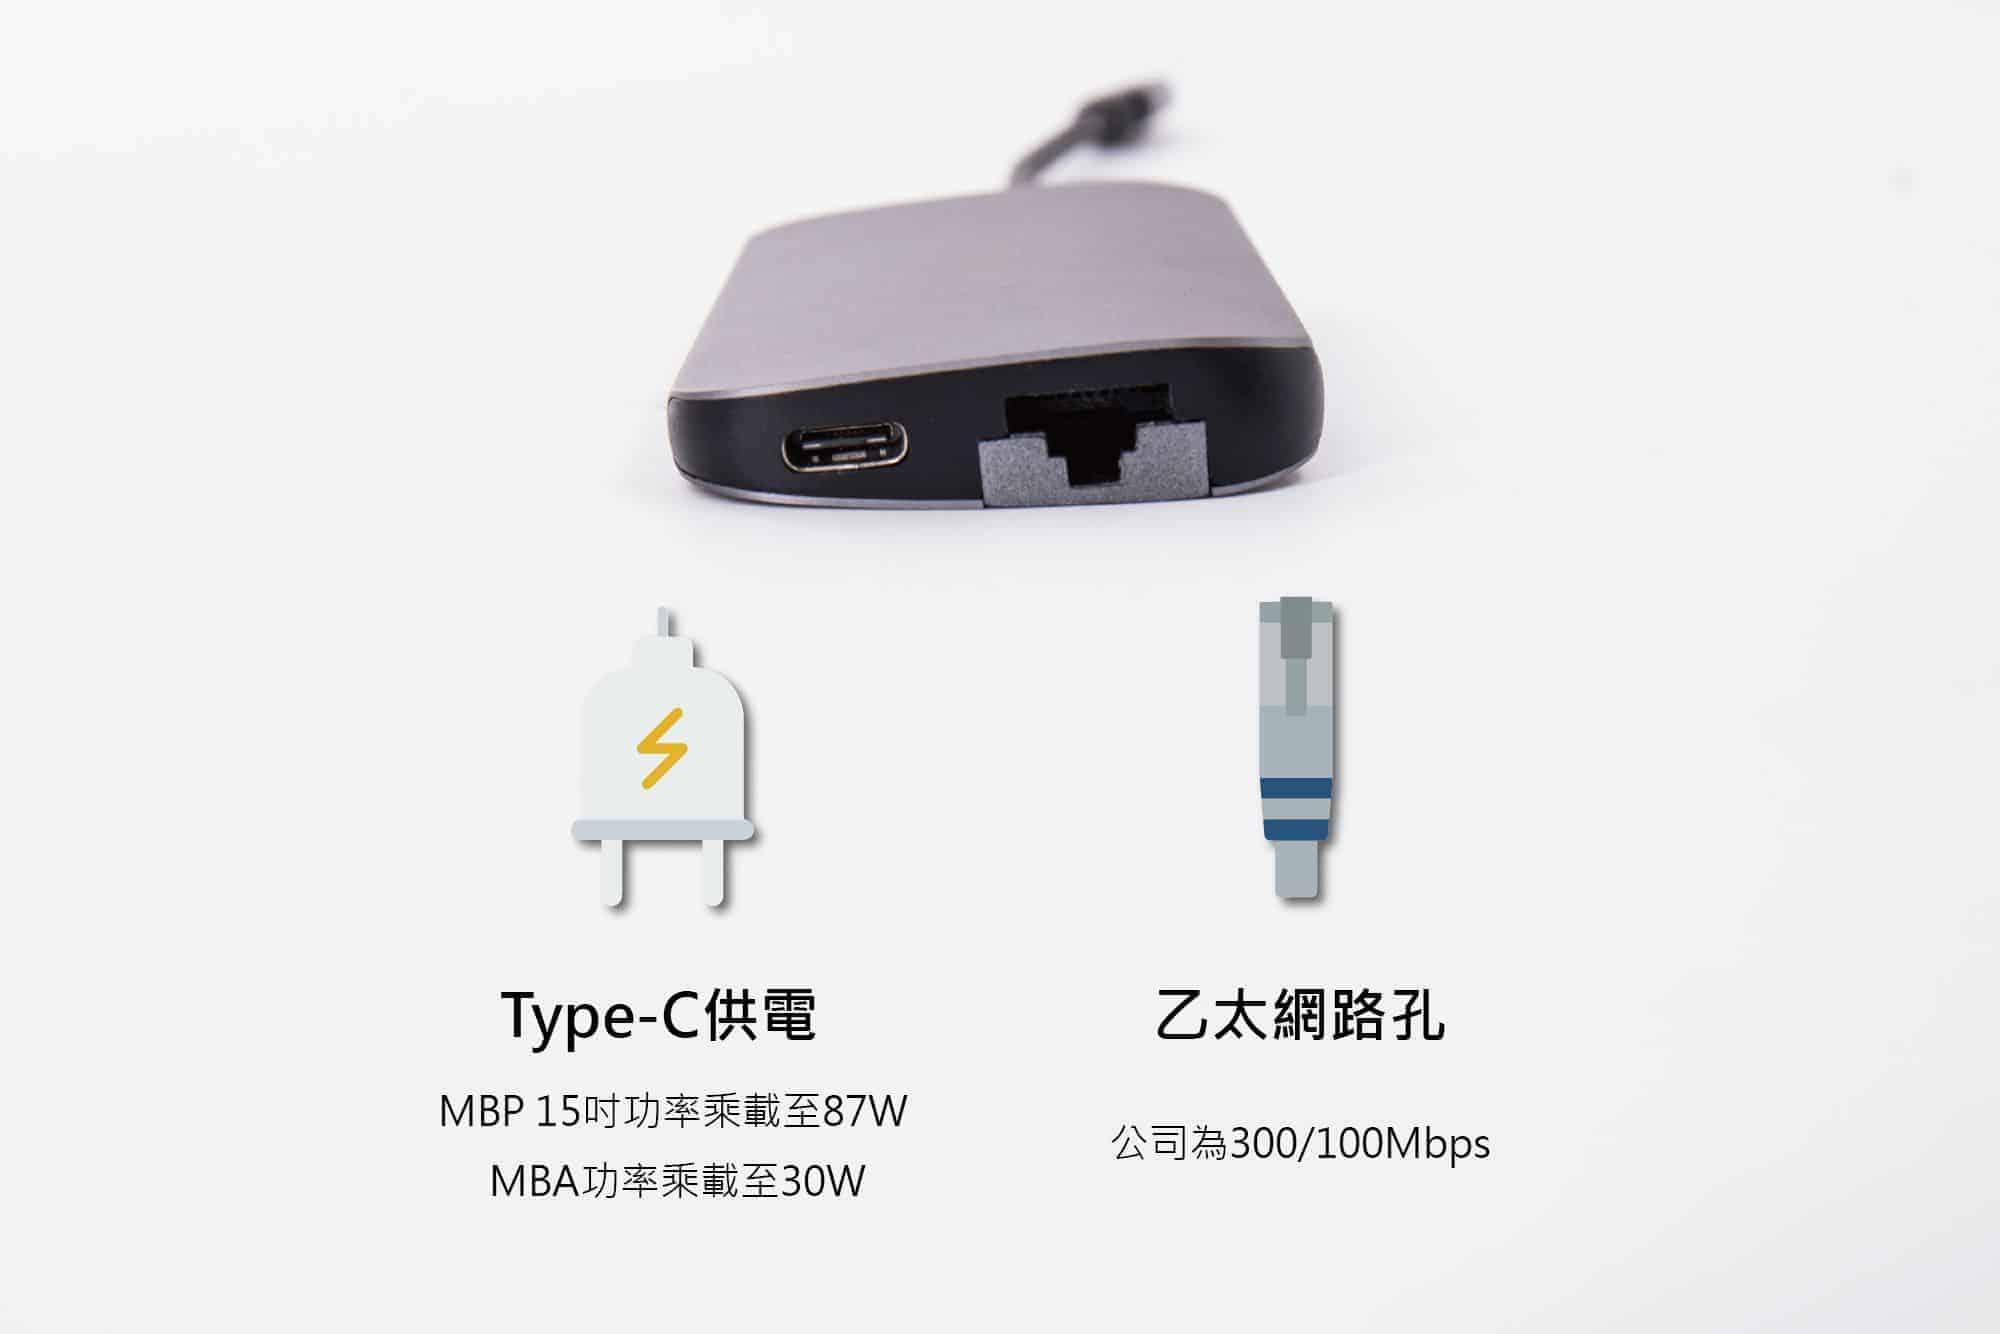 2020八款MacBook Hub推薦!一次搞懂Type-C轉接的集線器功能!|TechTeller